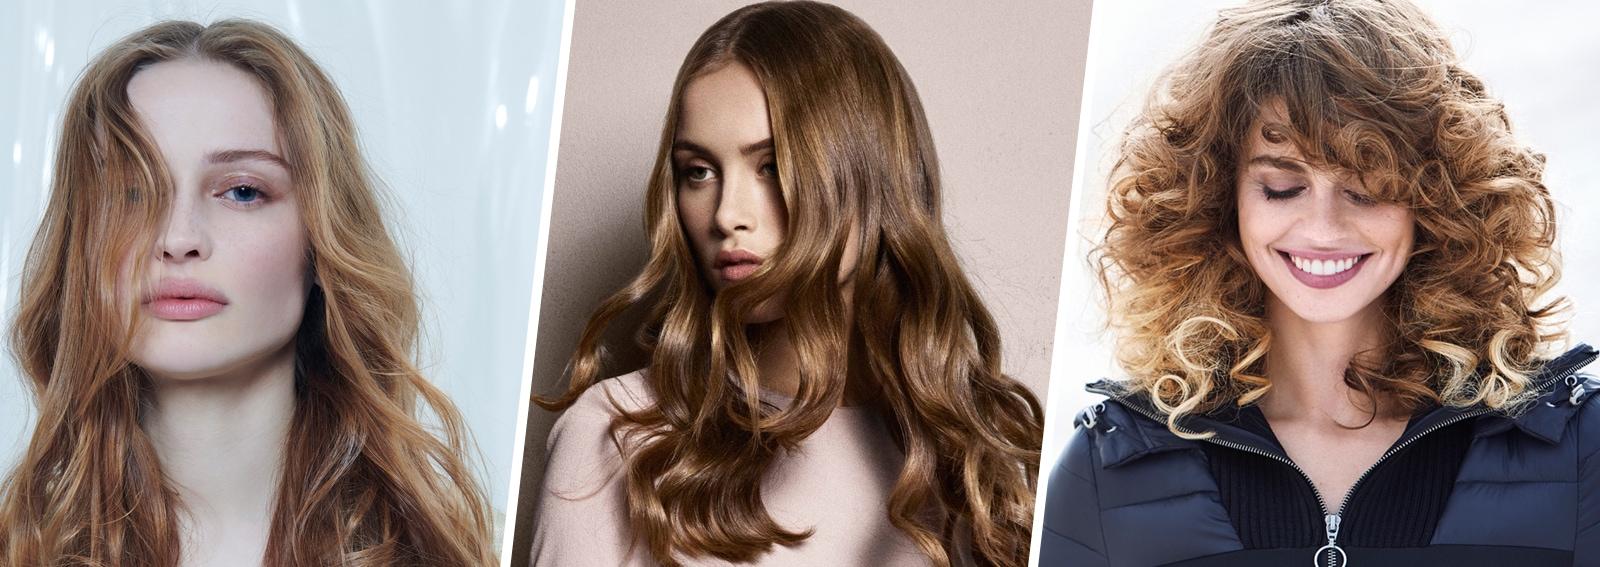 tagli capelli lunghi saloni autunno inverno 2019 2020 desktop